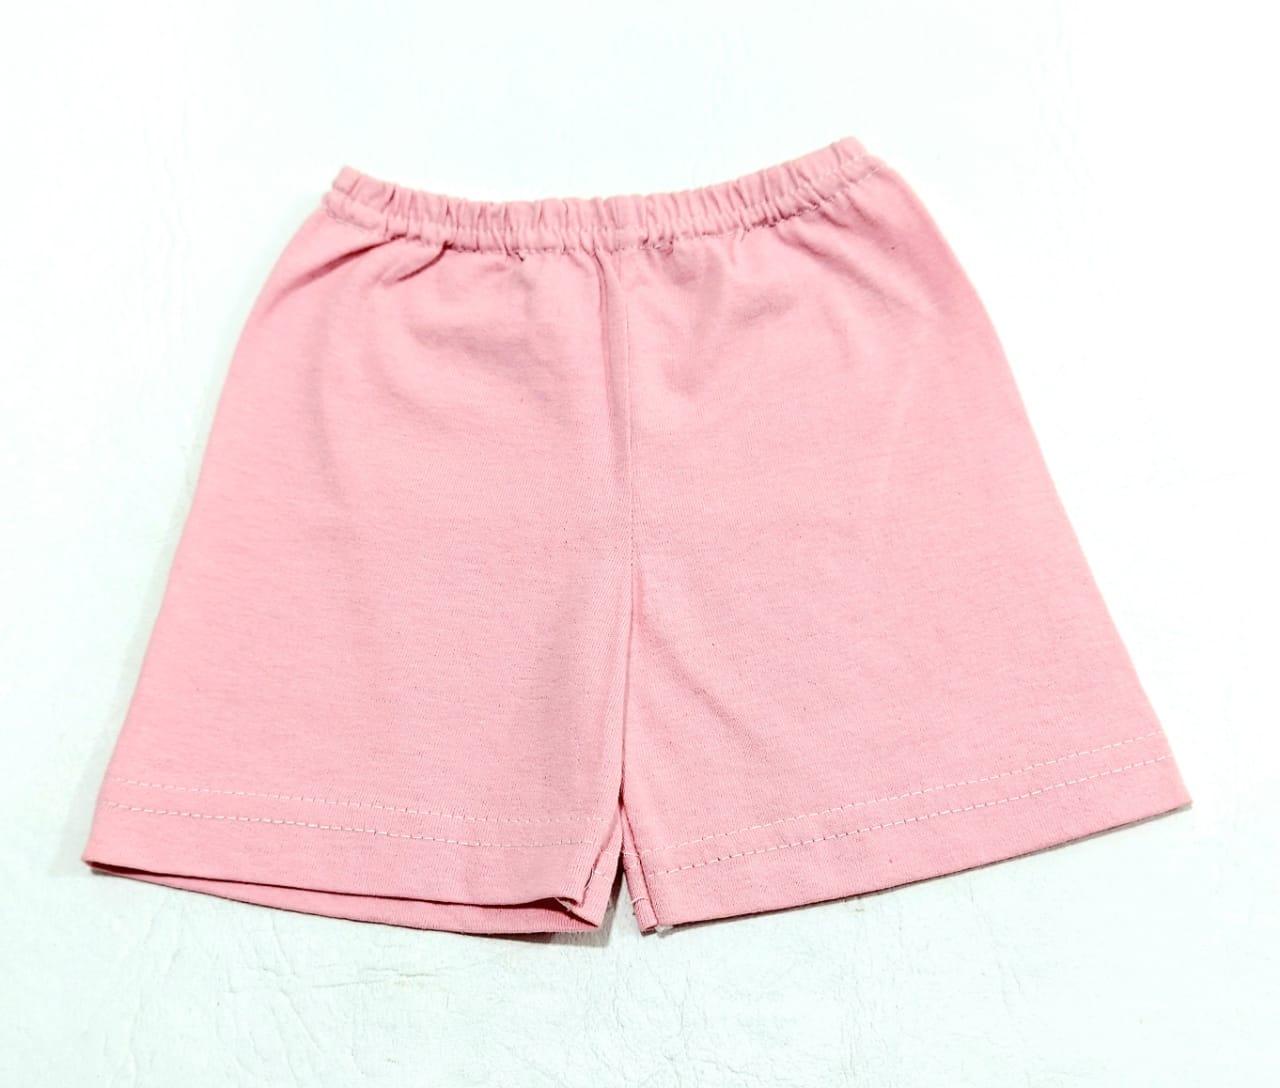 Shorts Em Malha 100% Algodão - Estampas Diversas